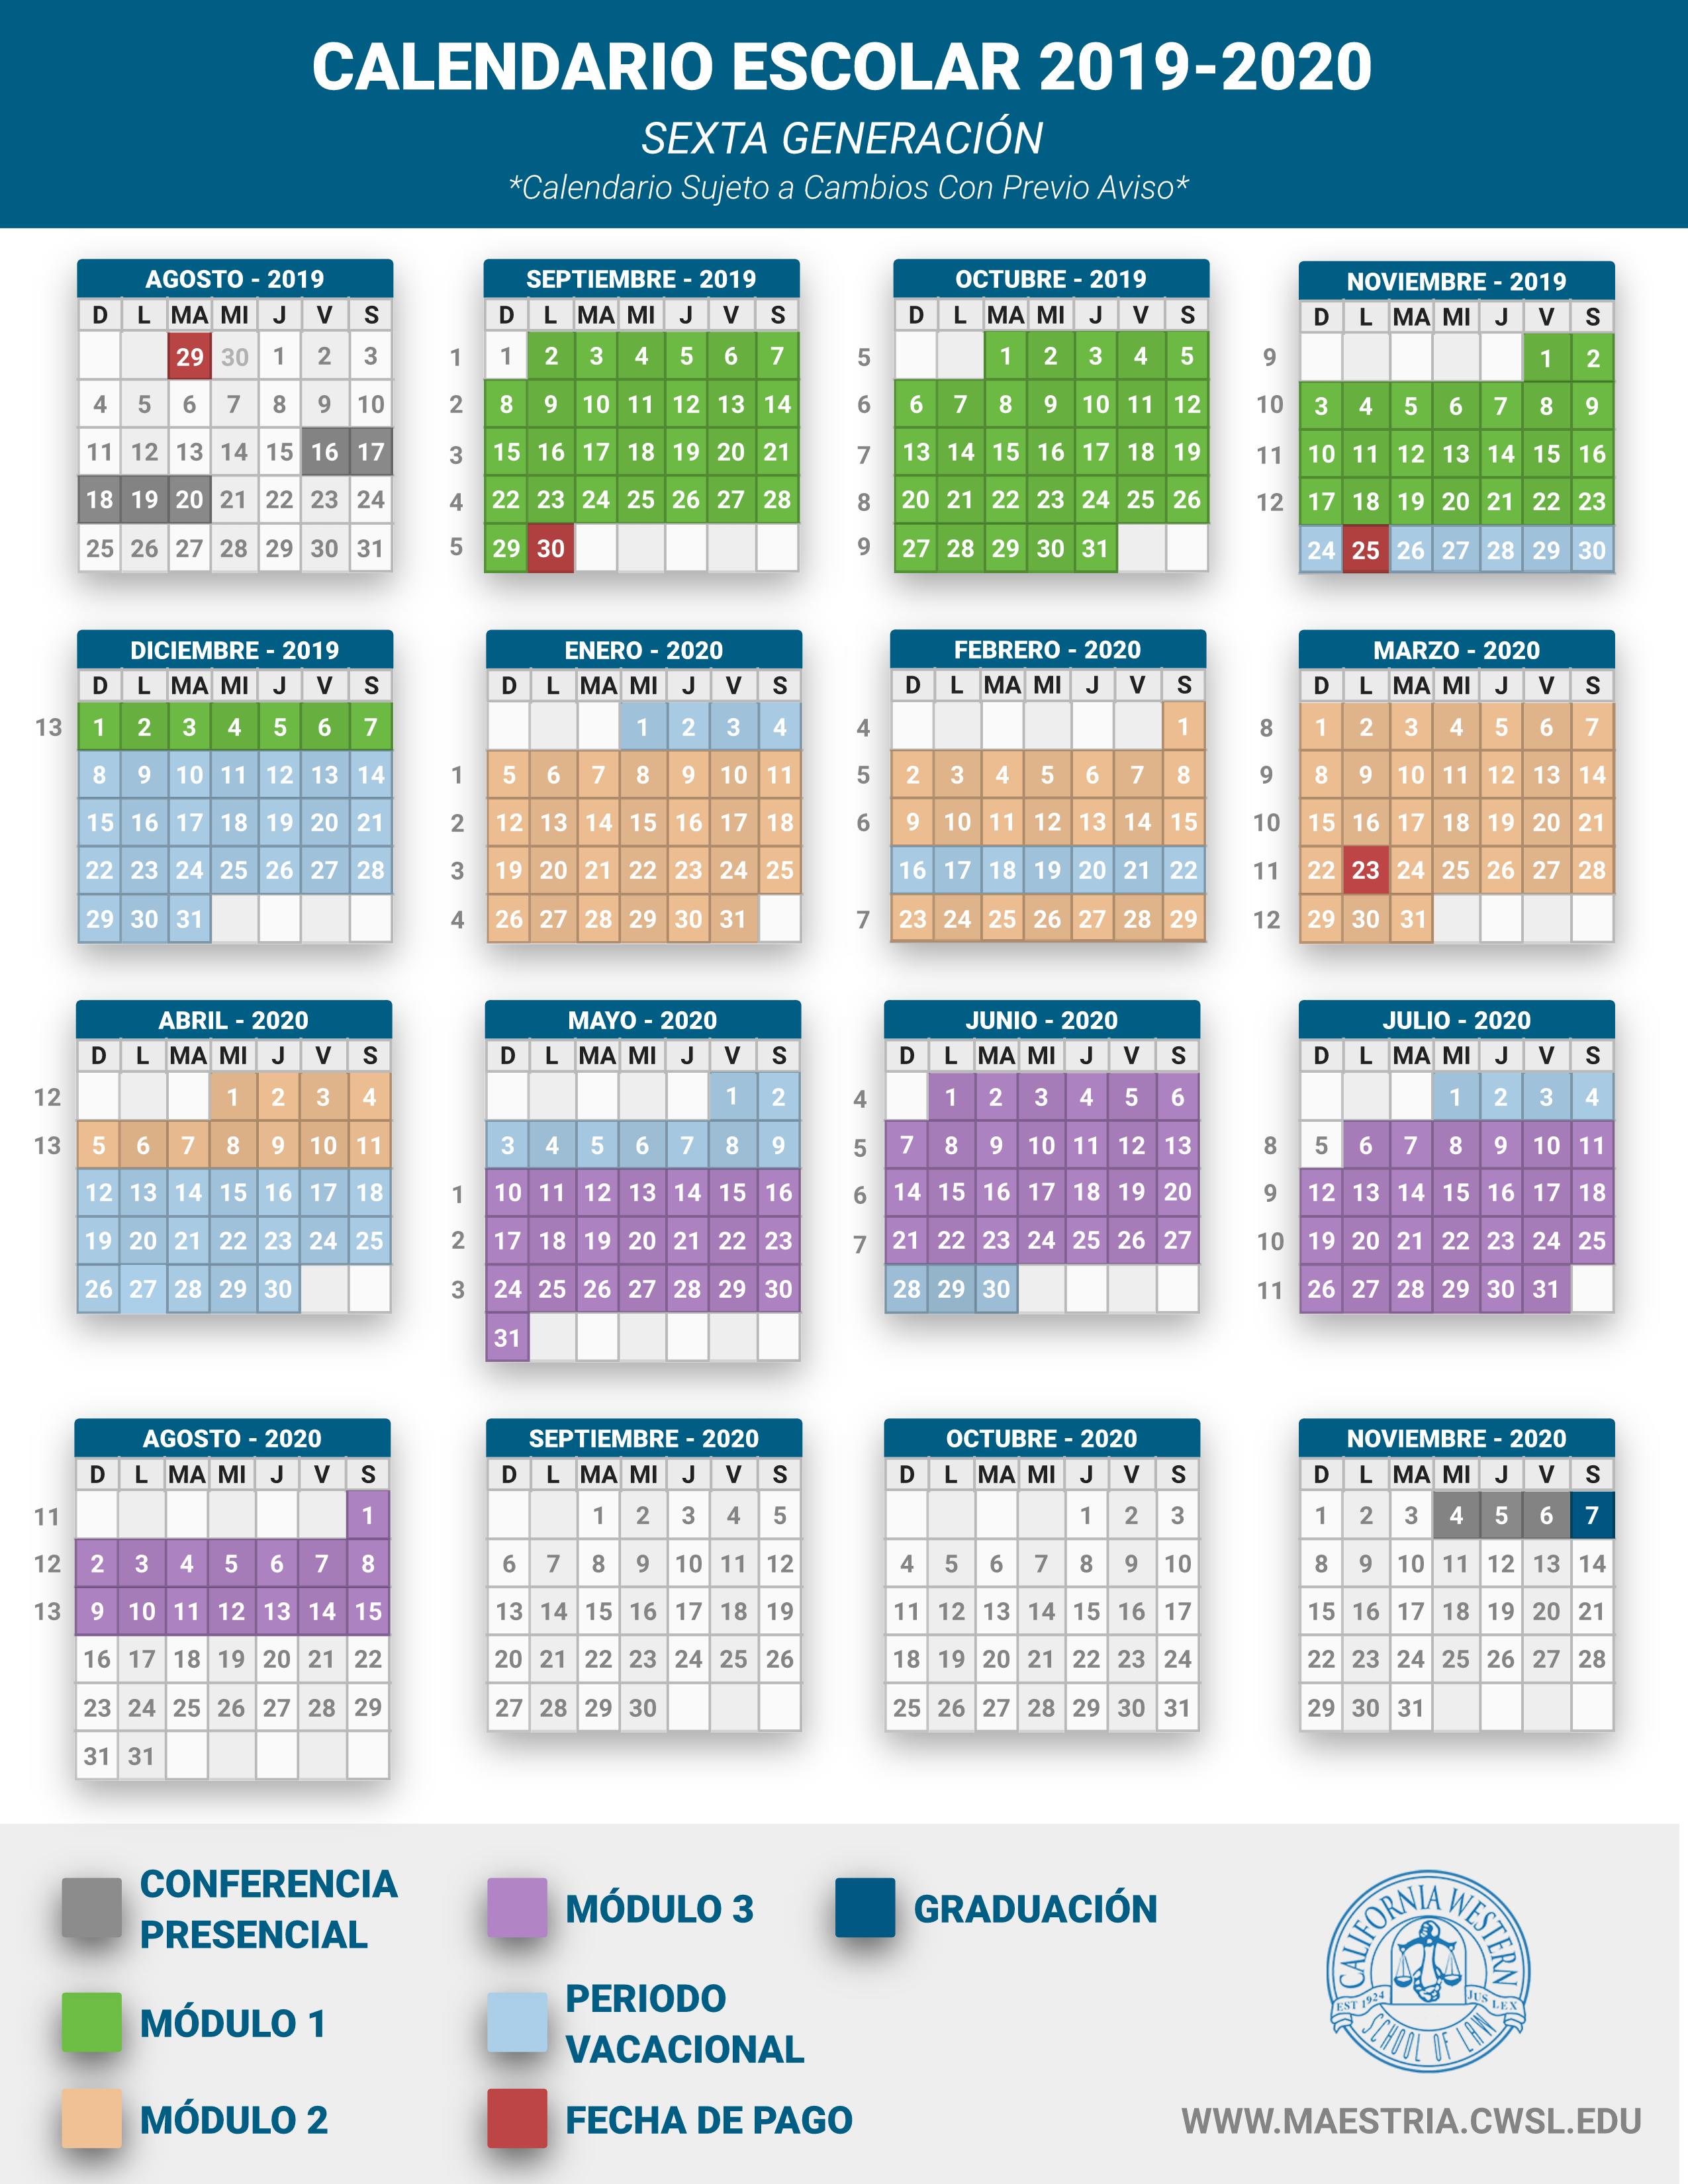 Calendario Escolar 2020 Colombia.Calendario Escolar 2019 2020 Maestria